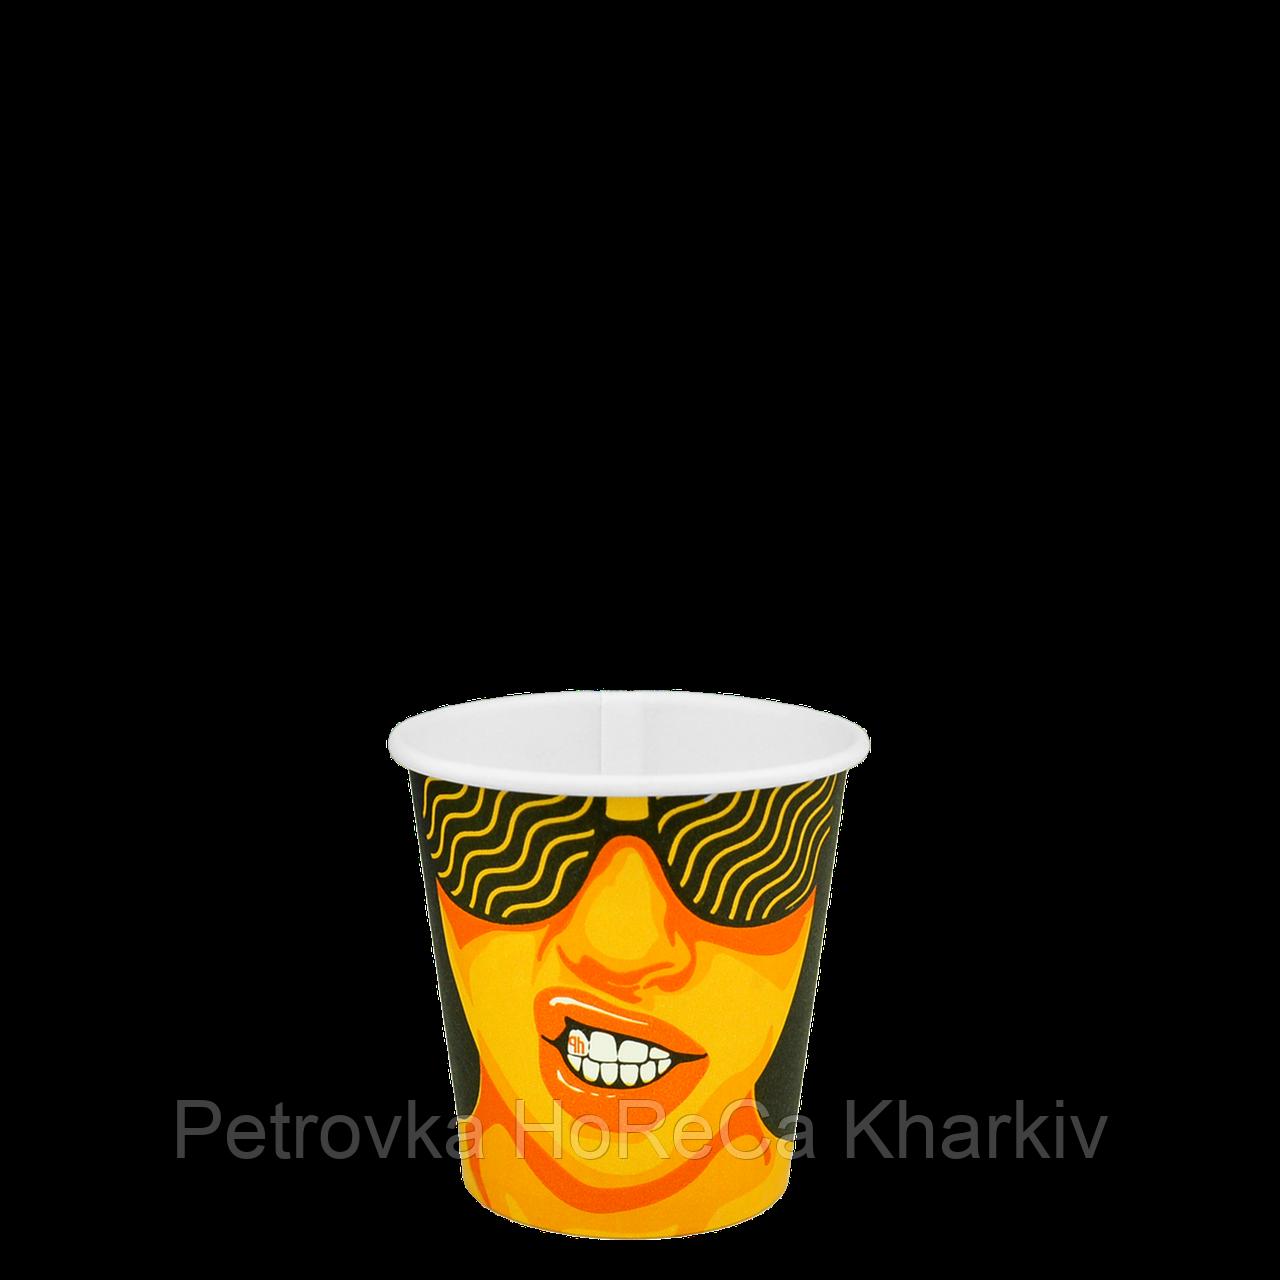 """Стакан бумажный """"#CoffeeParty"""" 110мл. 50шт/уп (1ящ/84уп/4200шт)"""